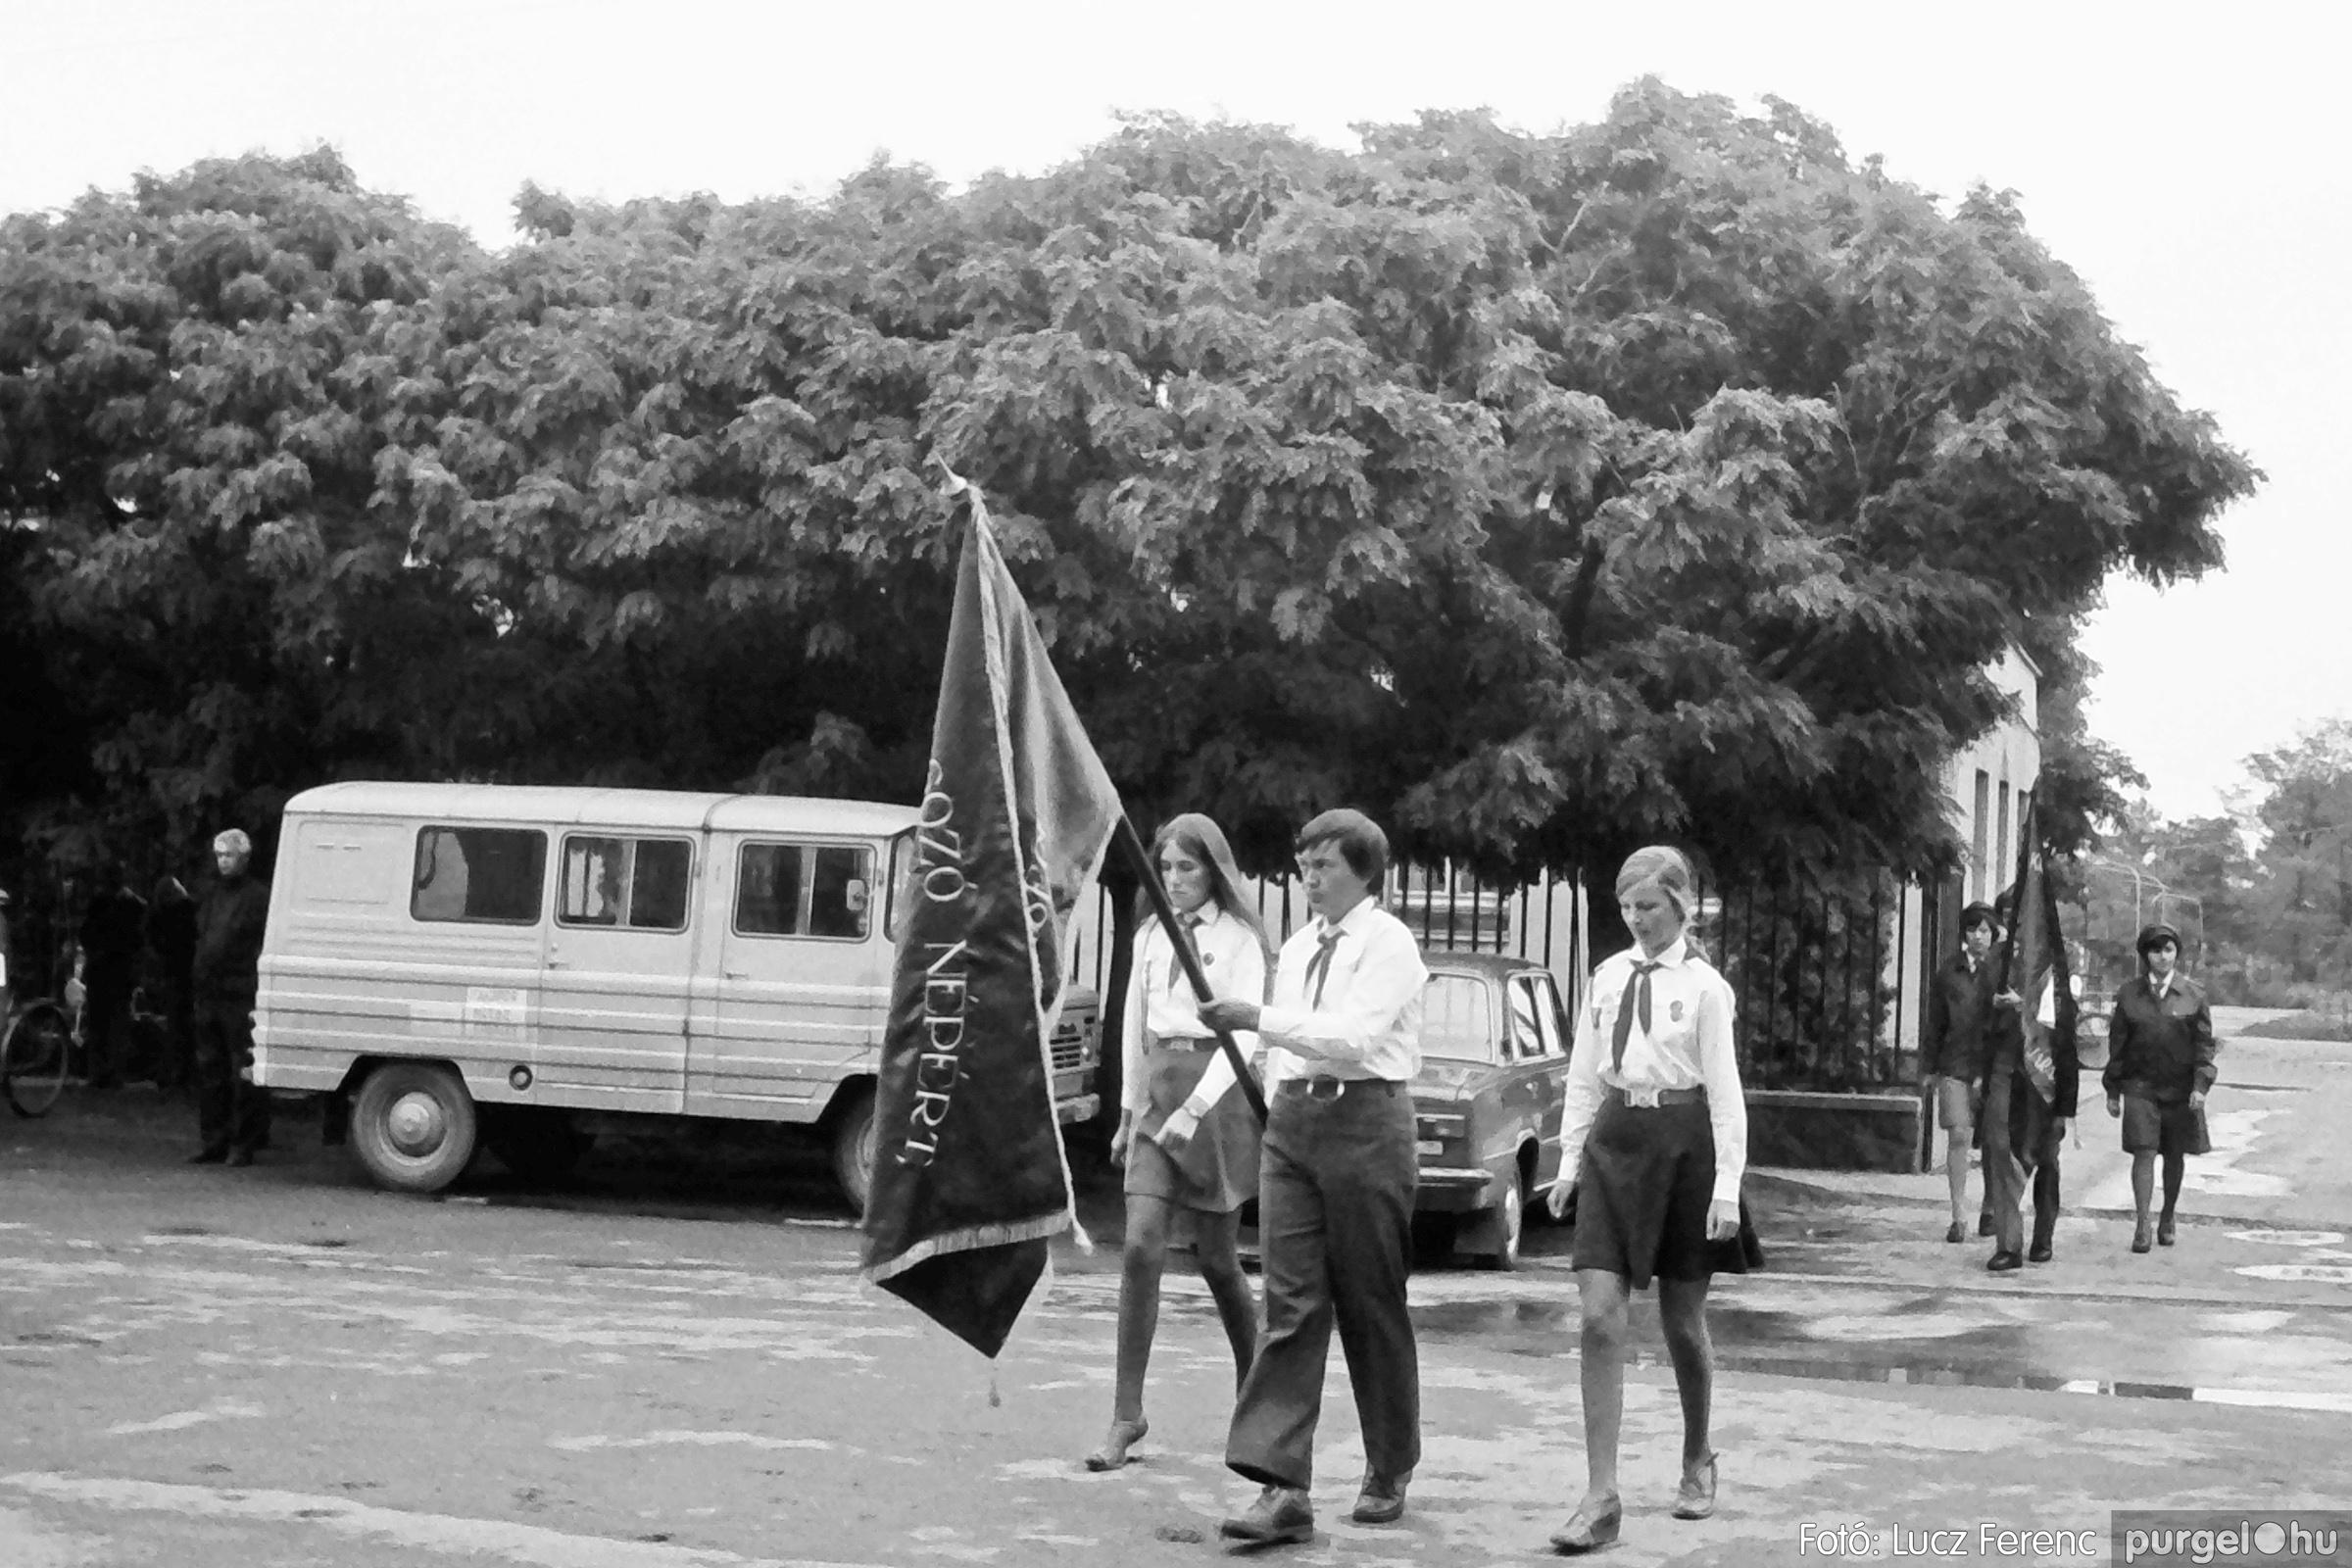 090. 1977. Úttörő gárda - ifjú gárda seregszemle 012. - Fotó: Lucz Ferenc.jpg